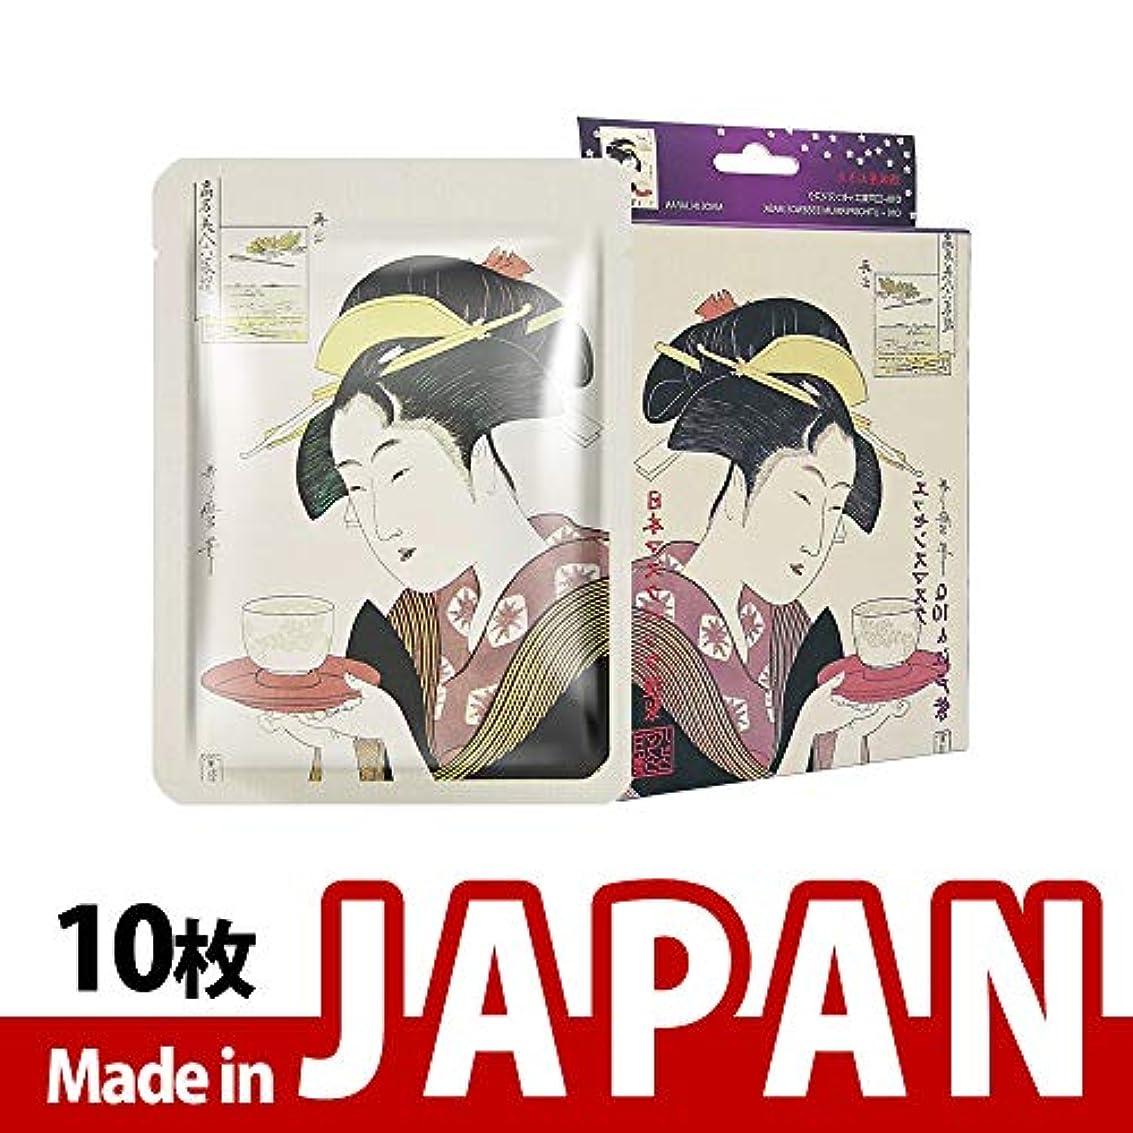 ボリューム散歩企業MITOMO【JP002-A-1】日本製Q10+ 紫根抗酸化 シートマスク/10枚入り/10枚/美容液/マスクパック/送料無料